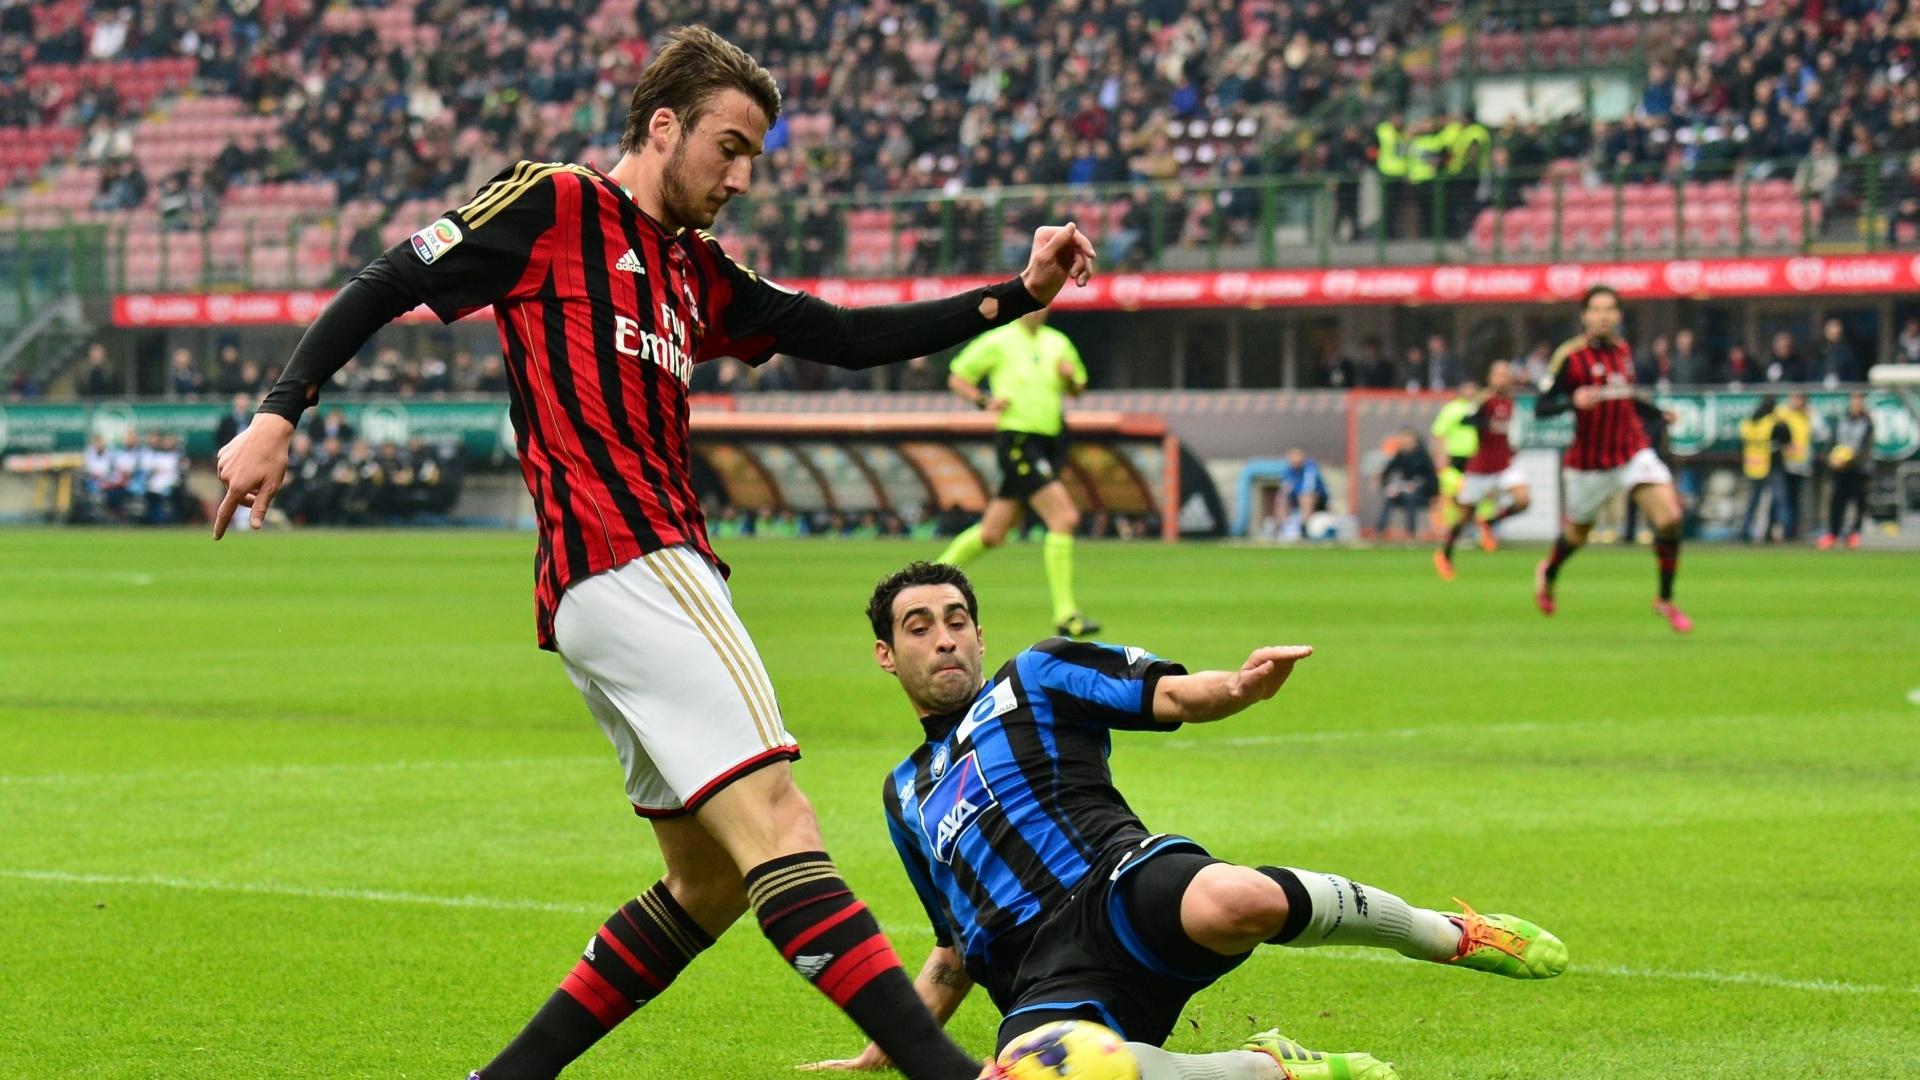 6.jan.2014 - Meia do Milan, Cristante Bryan tenta passar pela marcação de Davide Brivio, do Atalanta